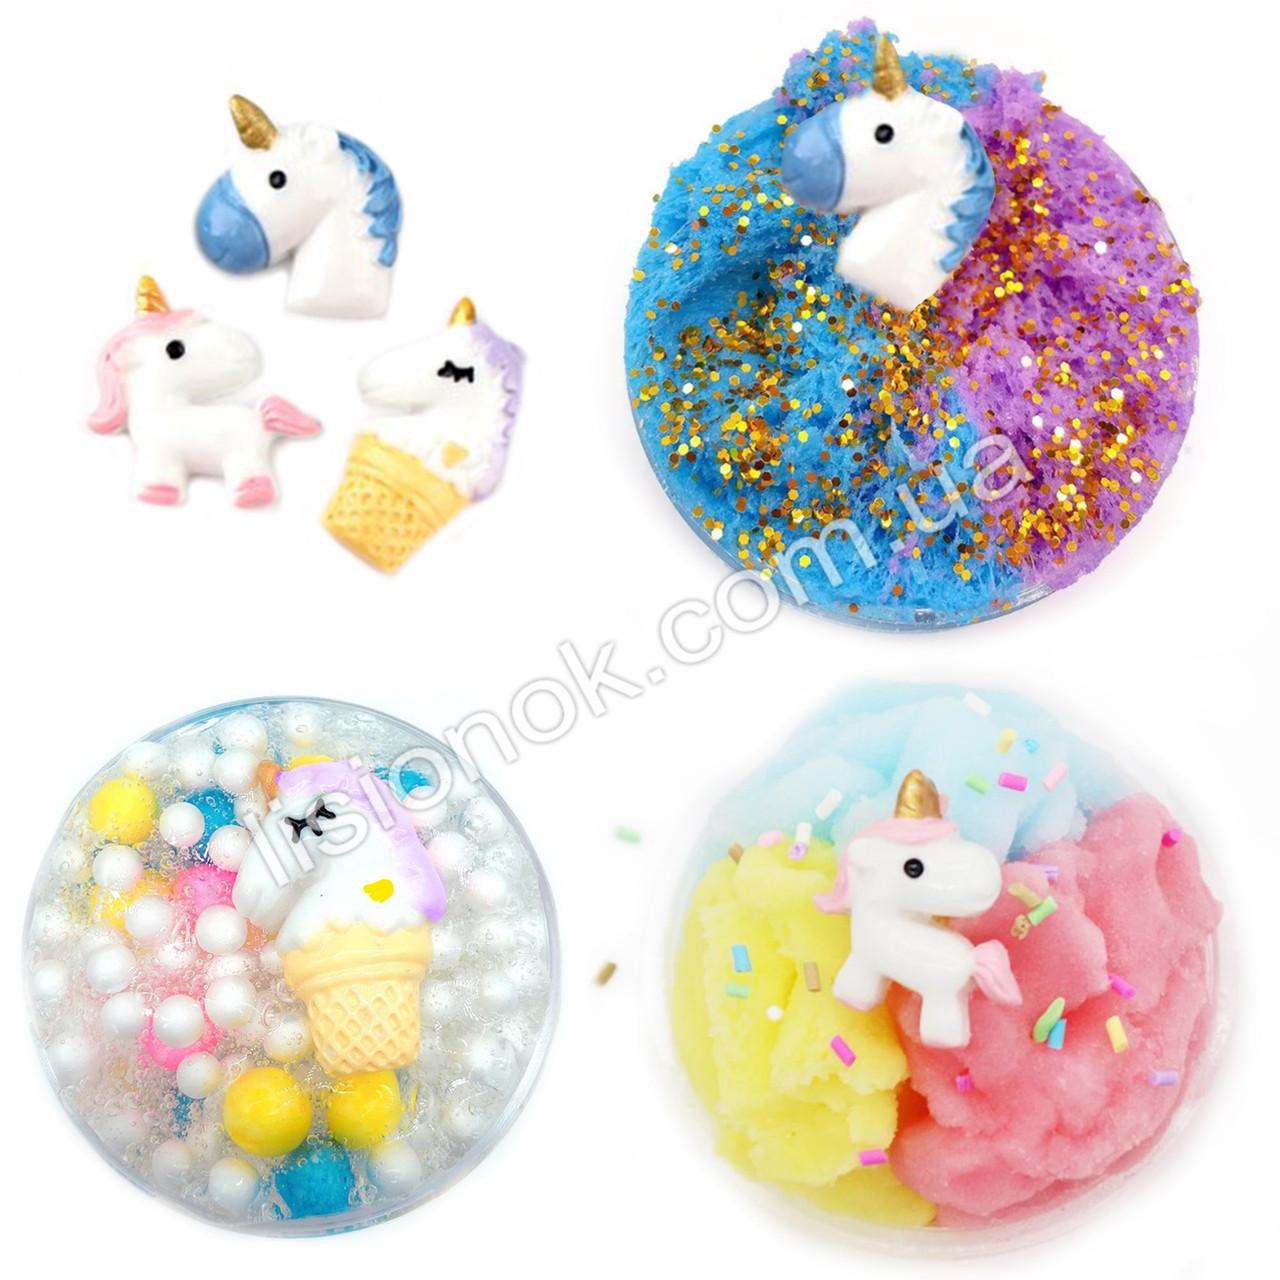 Шармікі для слаймів єдинороги (3 шт.) - для прикраси слайму, slime charms, шарм в слайм, unicorn slime